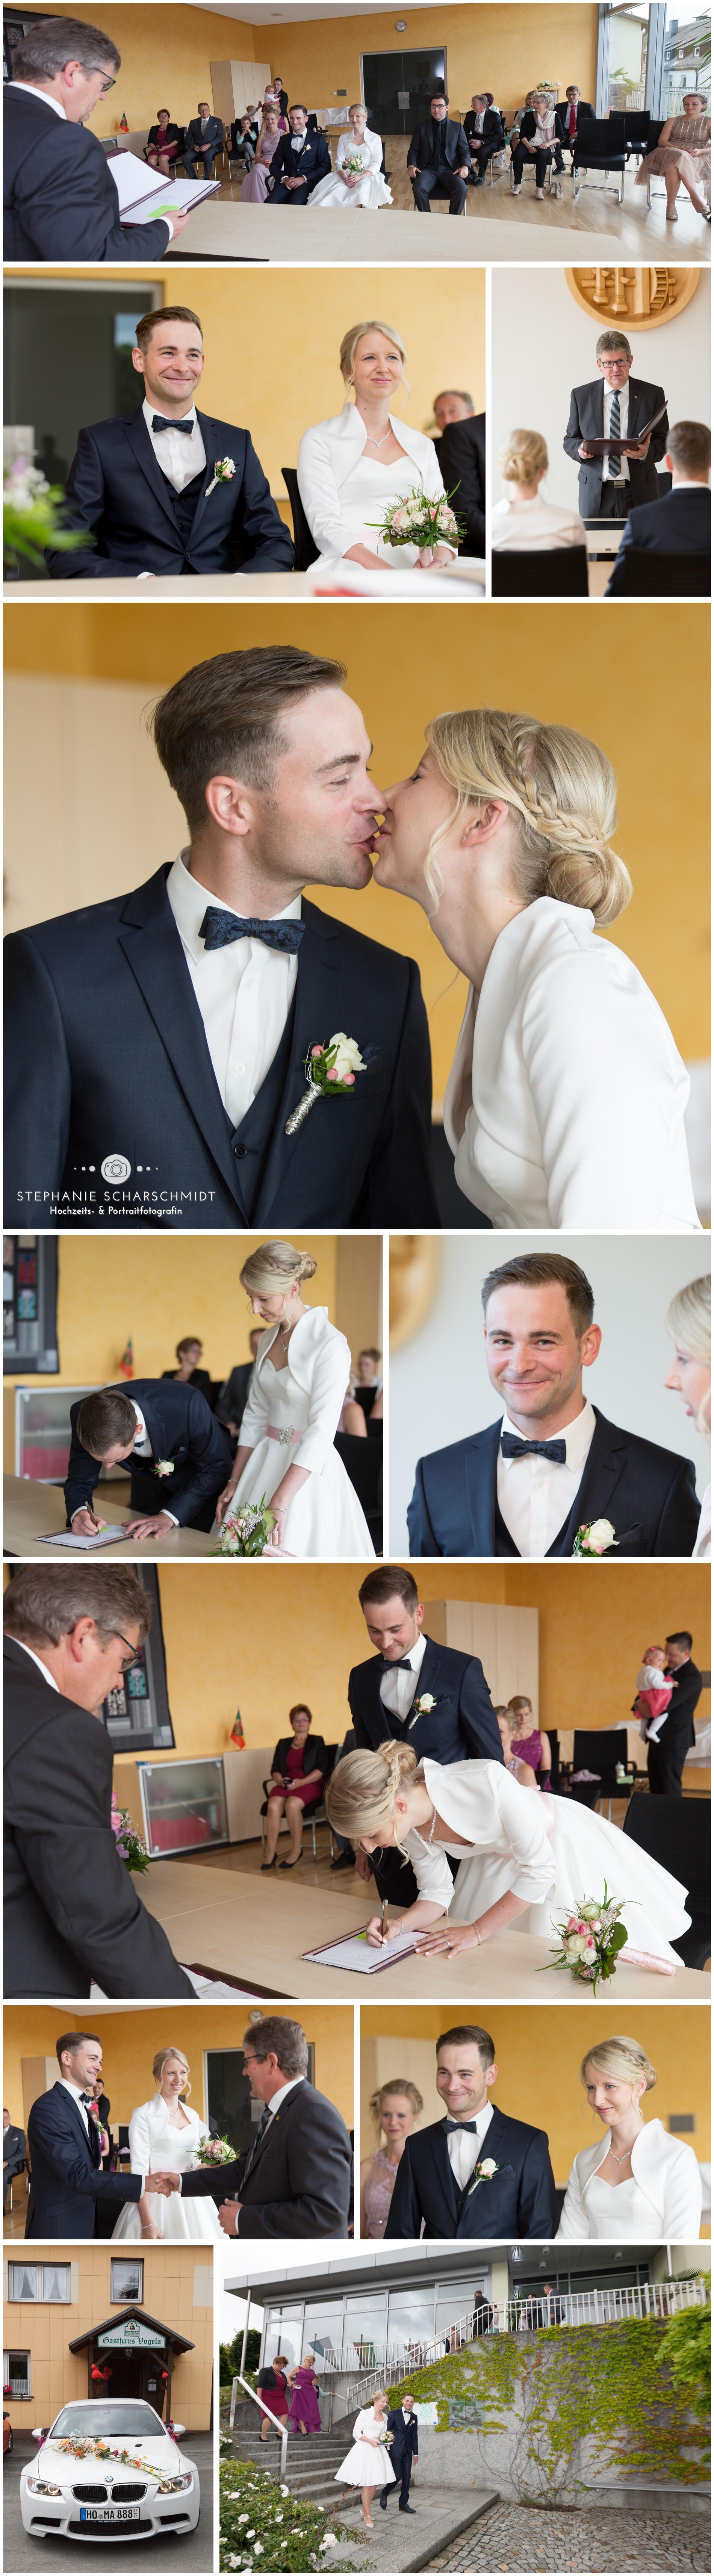 Fotograf Hochzeit Bayern - Hochzeits- und Portraitfotografin Stephanie Scharschmidt